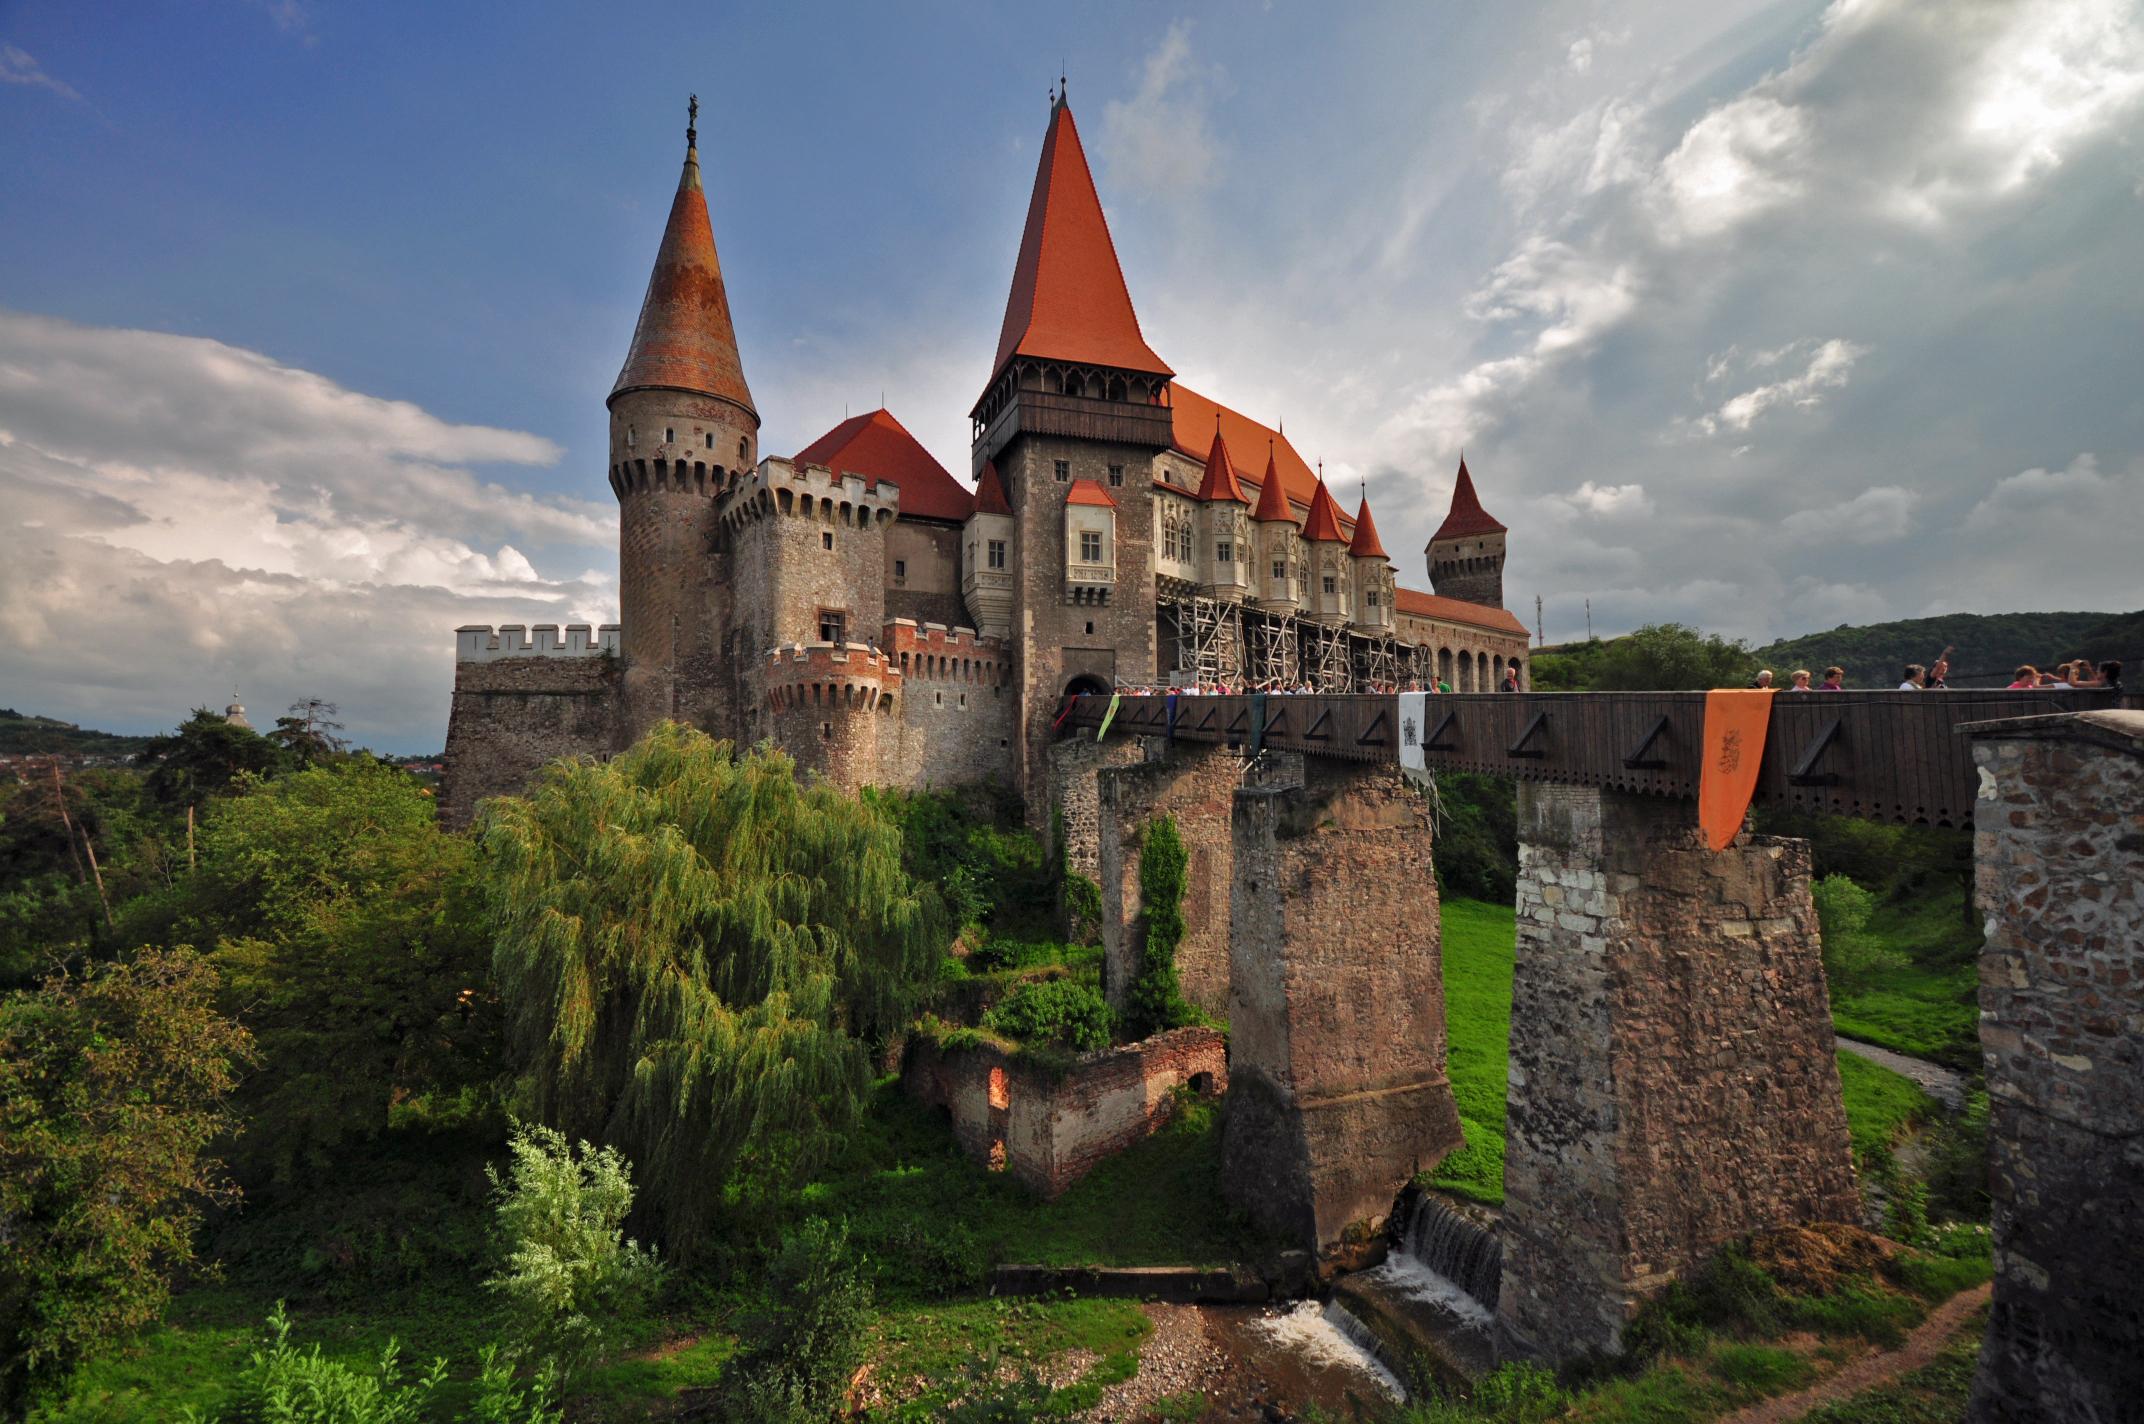 Hunedoara_castle Үхэхээсээ өмнө үзэх ёстой дэлхийн хамгийн гайхалтай 21 цайз, шилтгээн